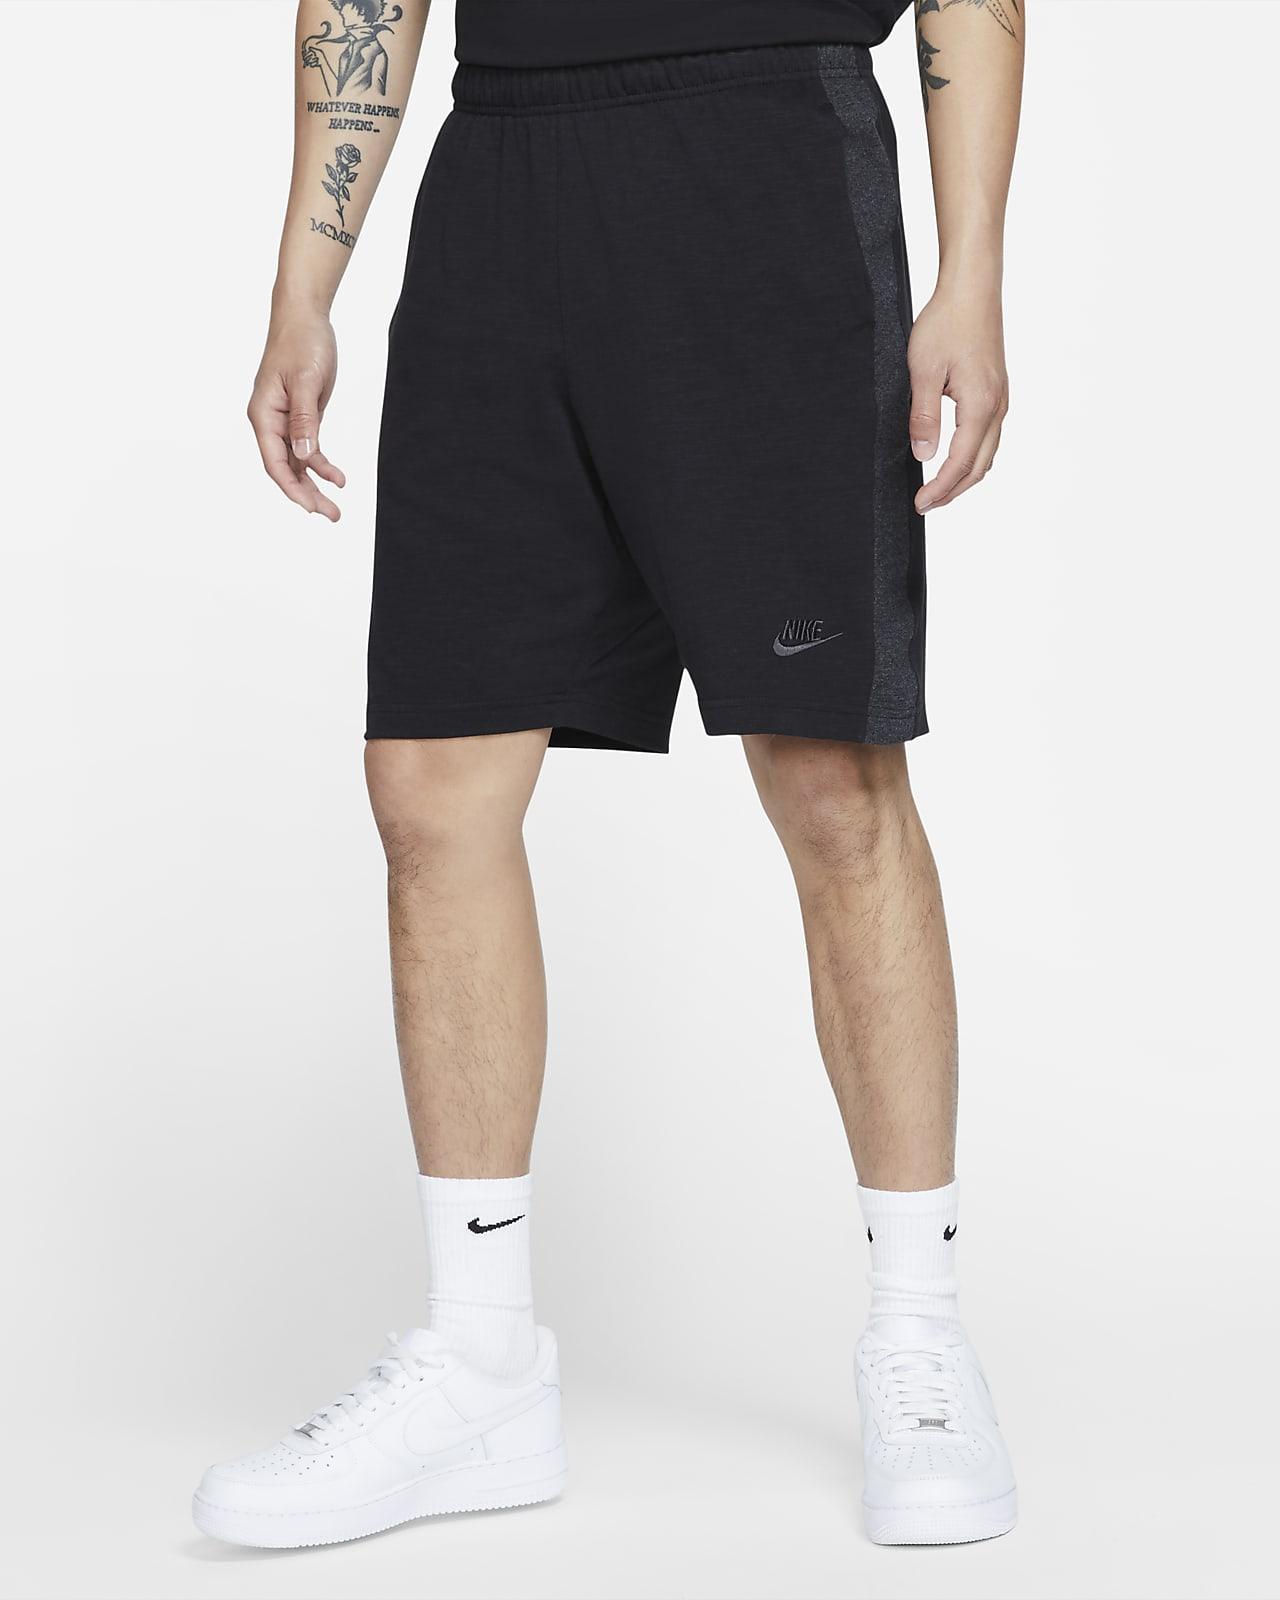 Nike Sportswear 男款平織短褲